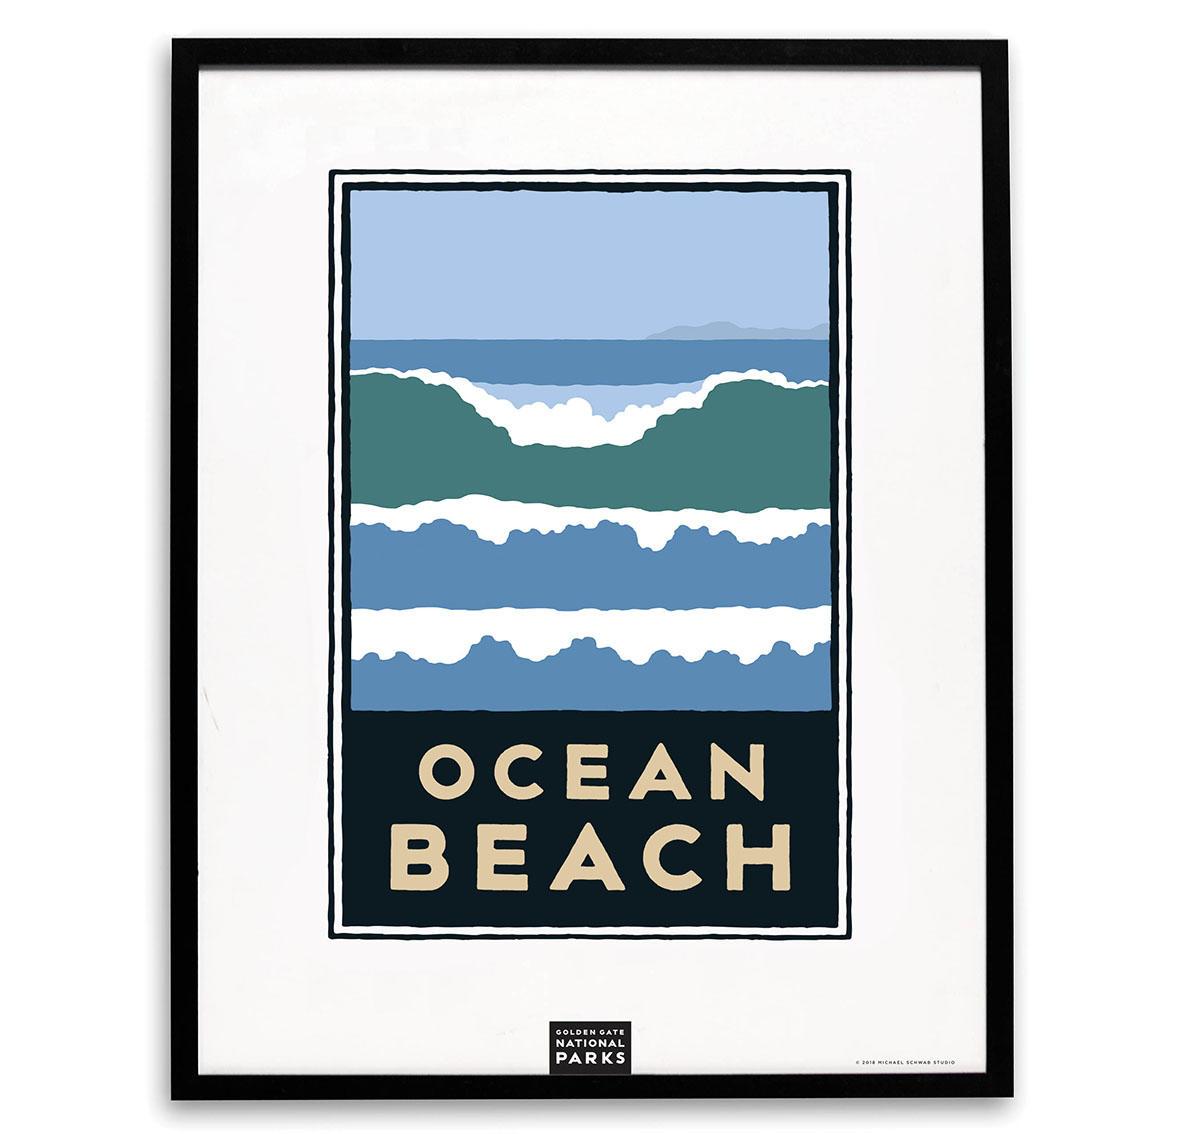 Ocean Beach Michael Schwab print